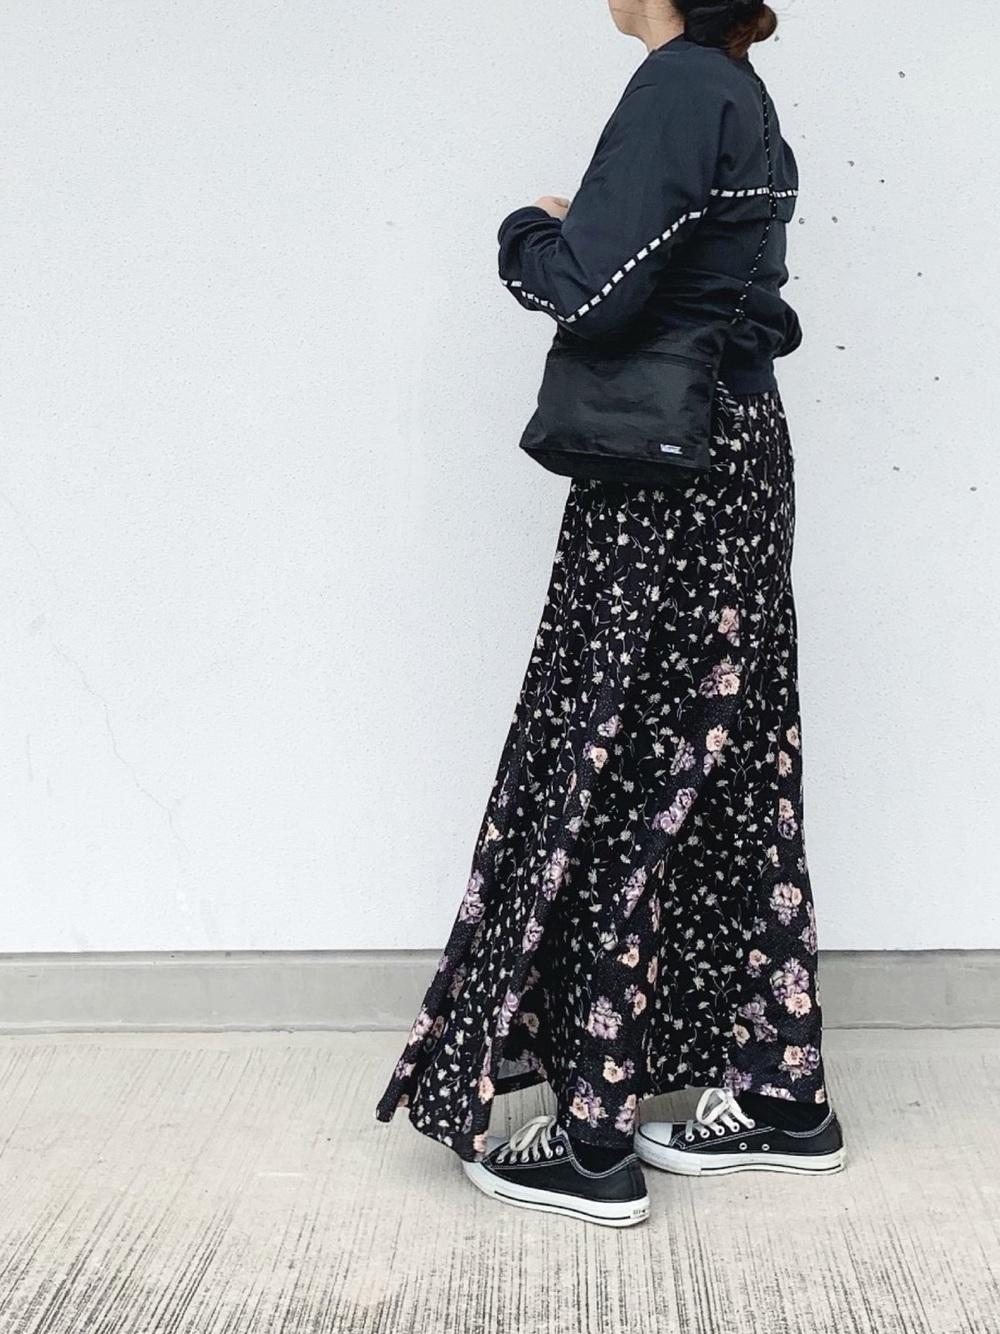 黒ナイロンジャケットと花柄